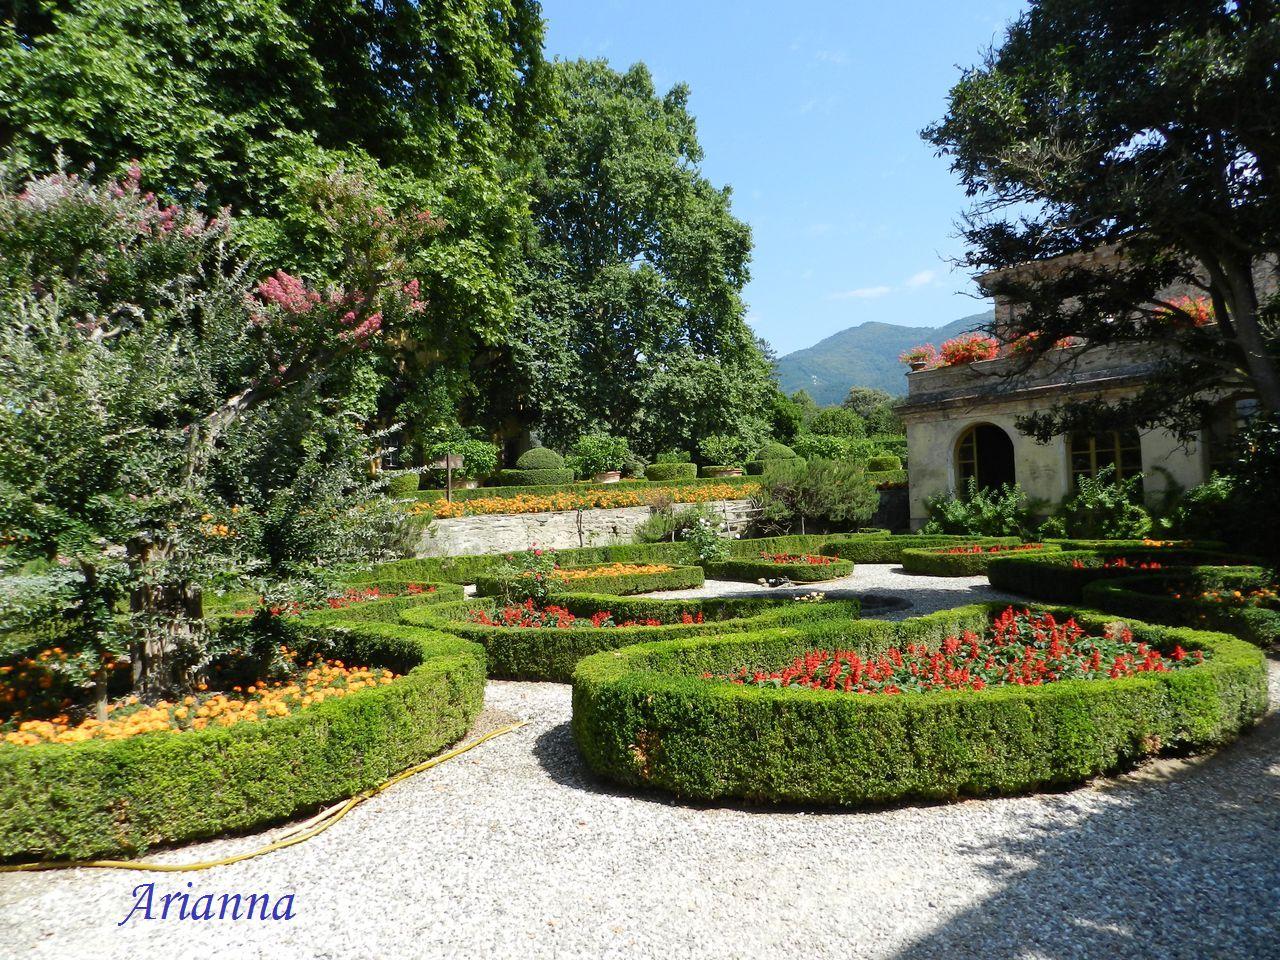 Arianna 39 s photos villa torrigiani il parco - Giardini bellissimi ...